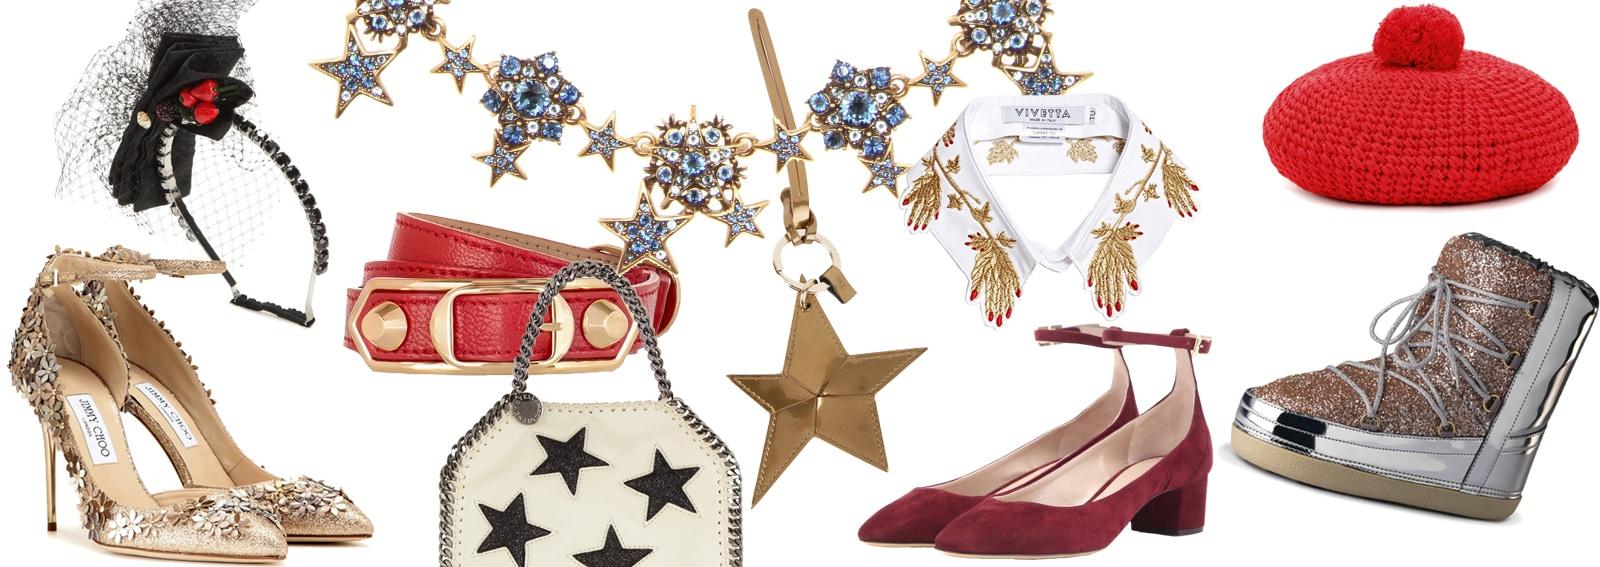 cover accessori natalizi desktop